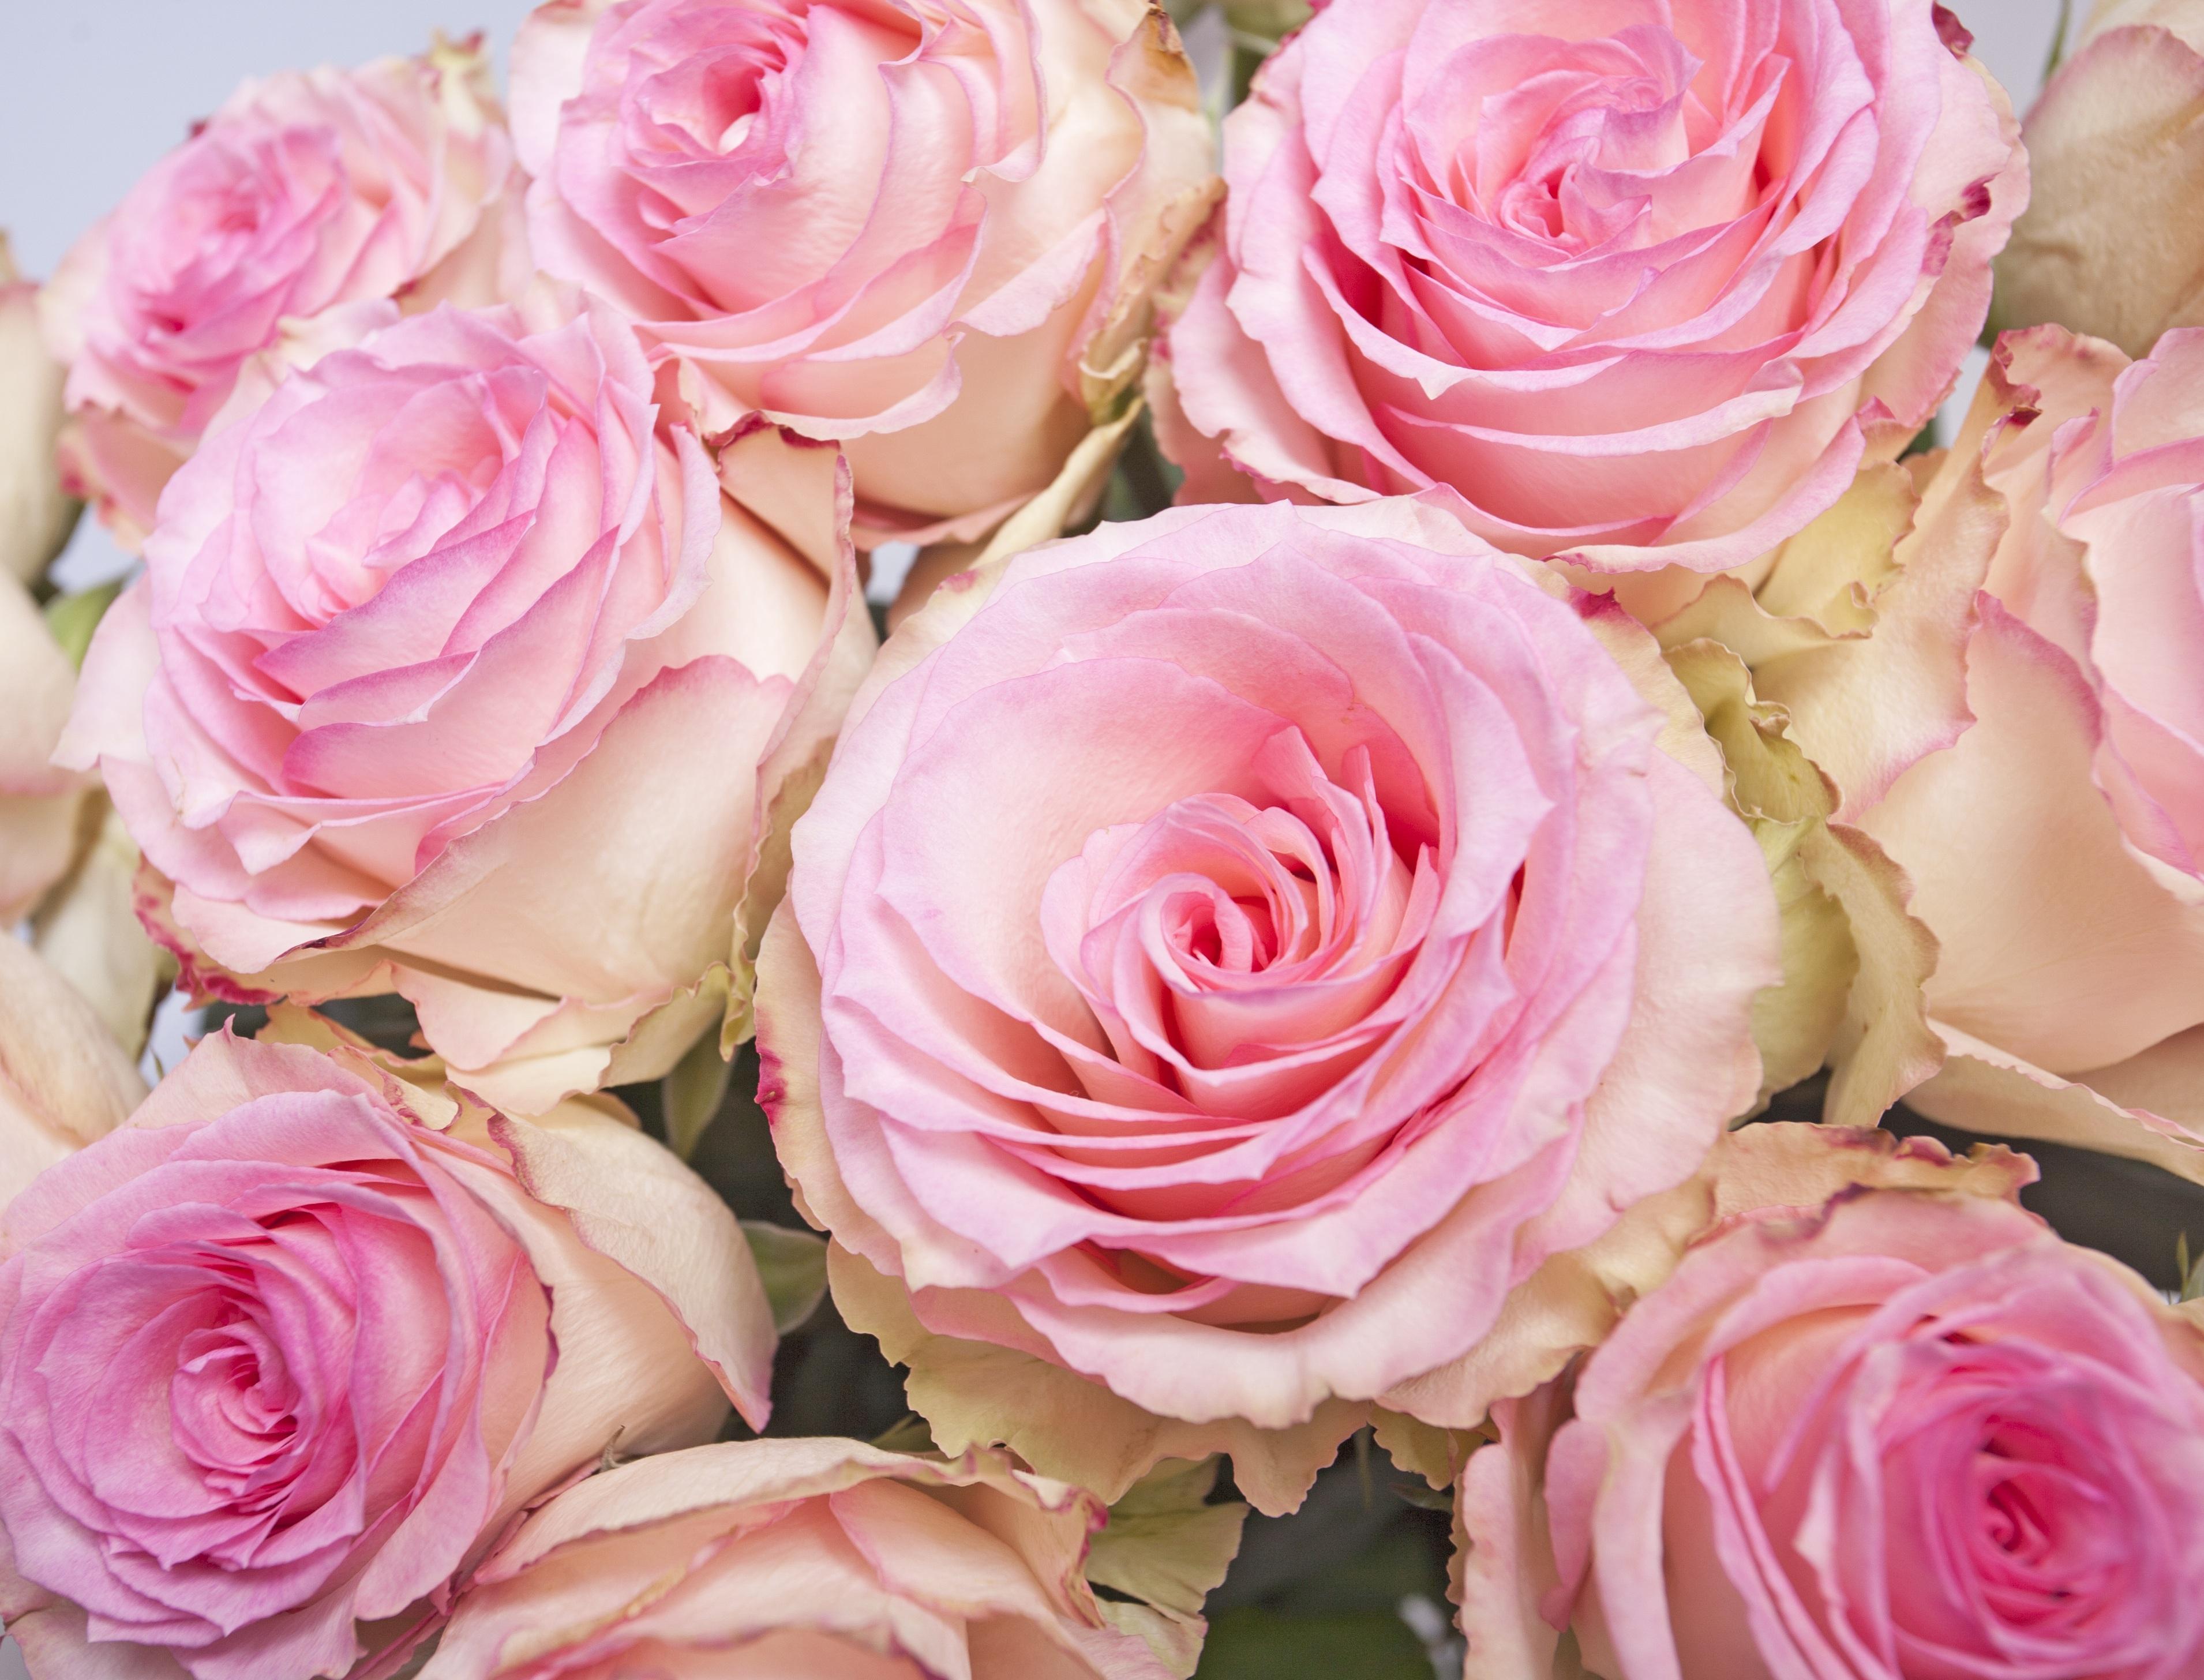 Afskårne Roser gratis billeder : blomst, kronblad, rose, lyserød, roser, pink rose